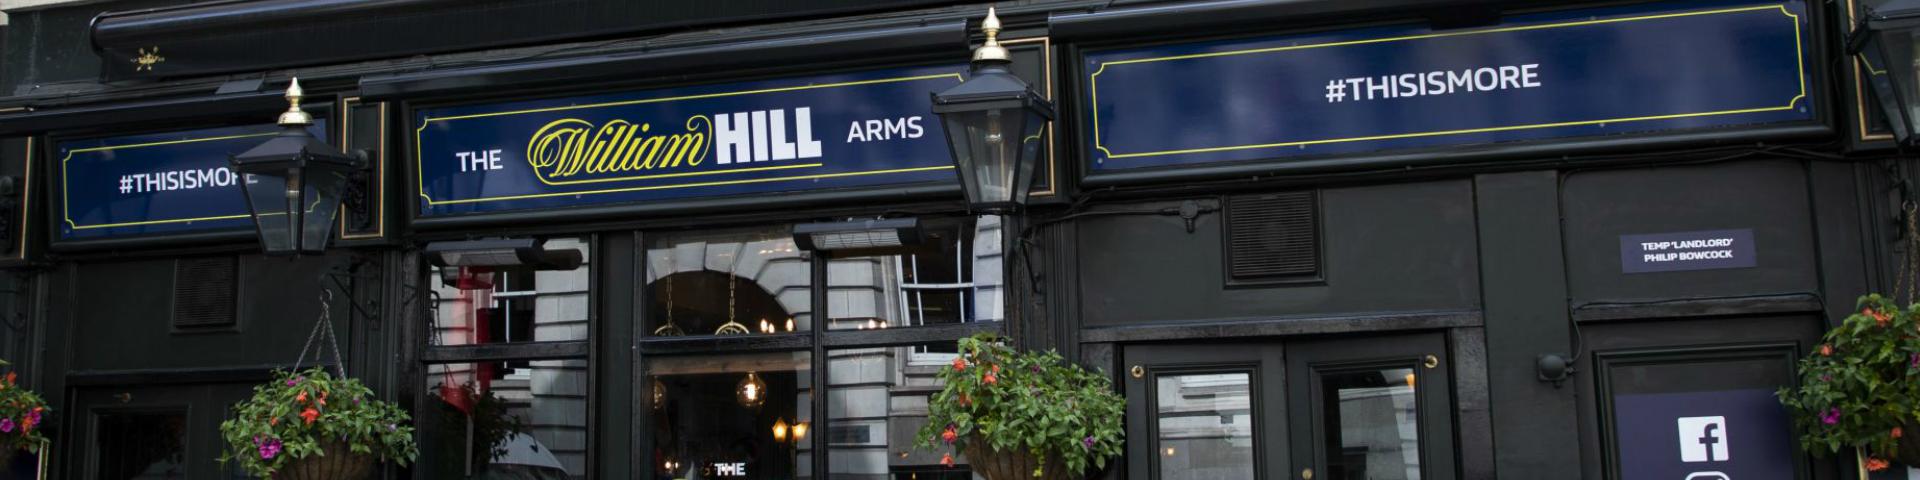 БК William Hill обратилась к арендодателям с просьбой о сокращении платы за помещения под ППС